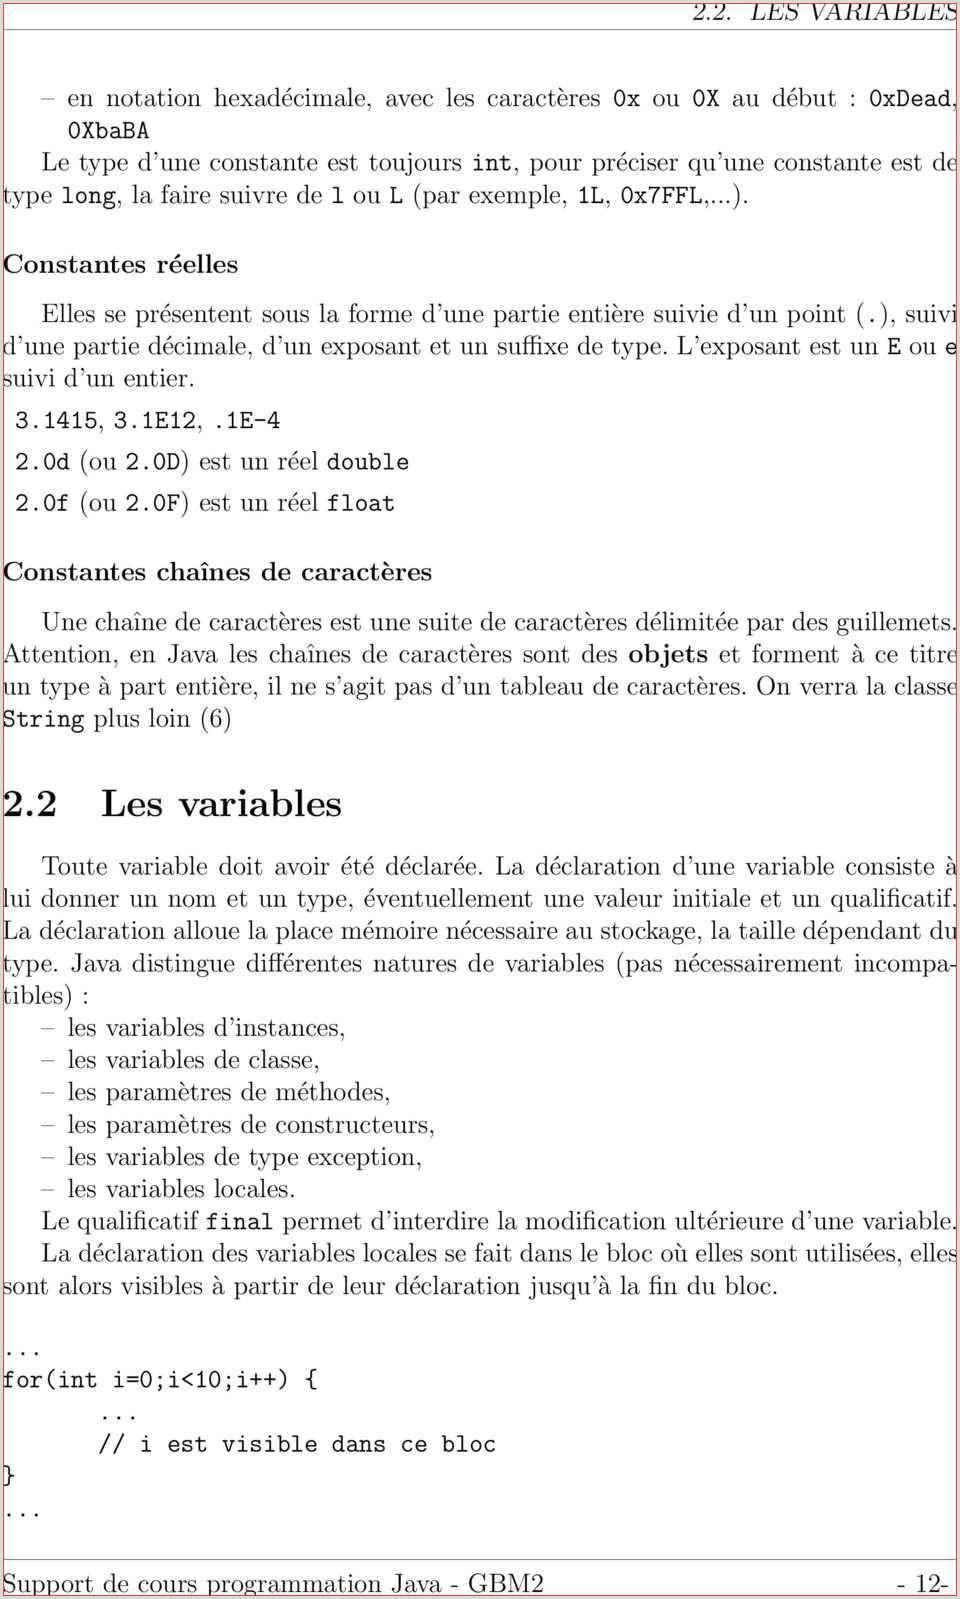 Exemple De Cv Vente Commerce Modele Lettre De Vente Voiture Lettre De Vente Exemple